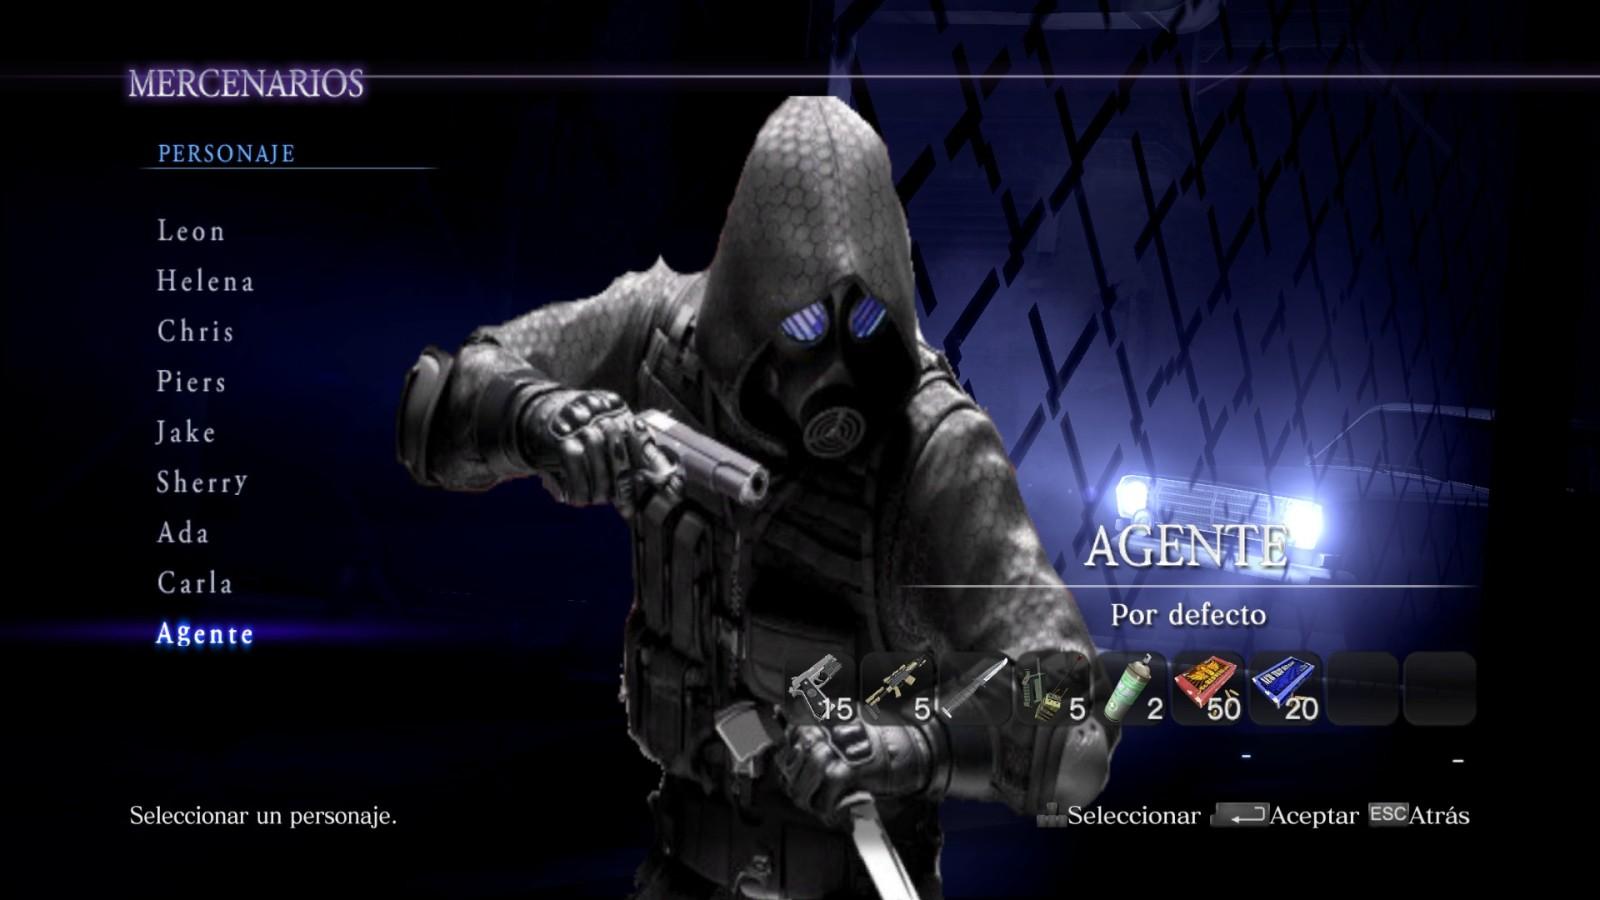 Nuevas imágenes para los personajes (mercenarios) 2n88r9k